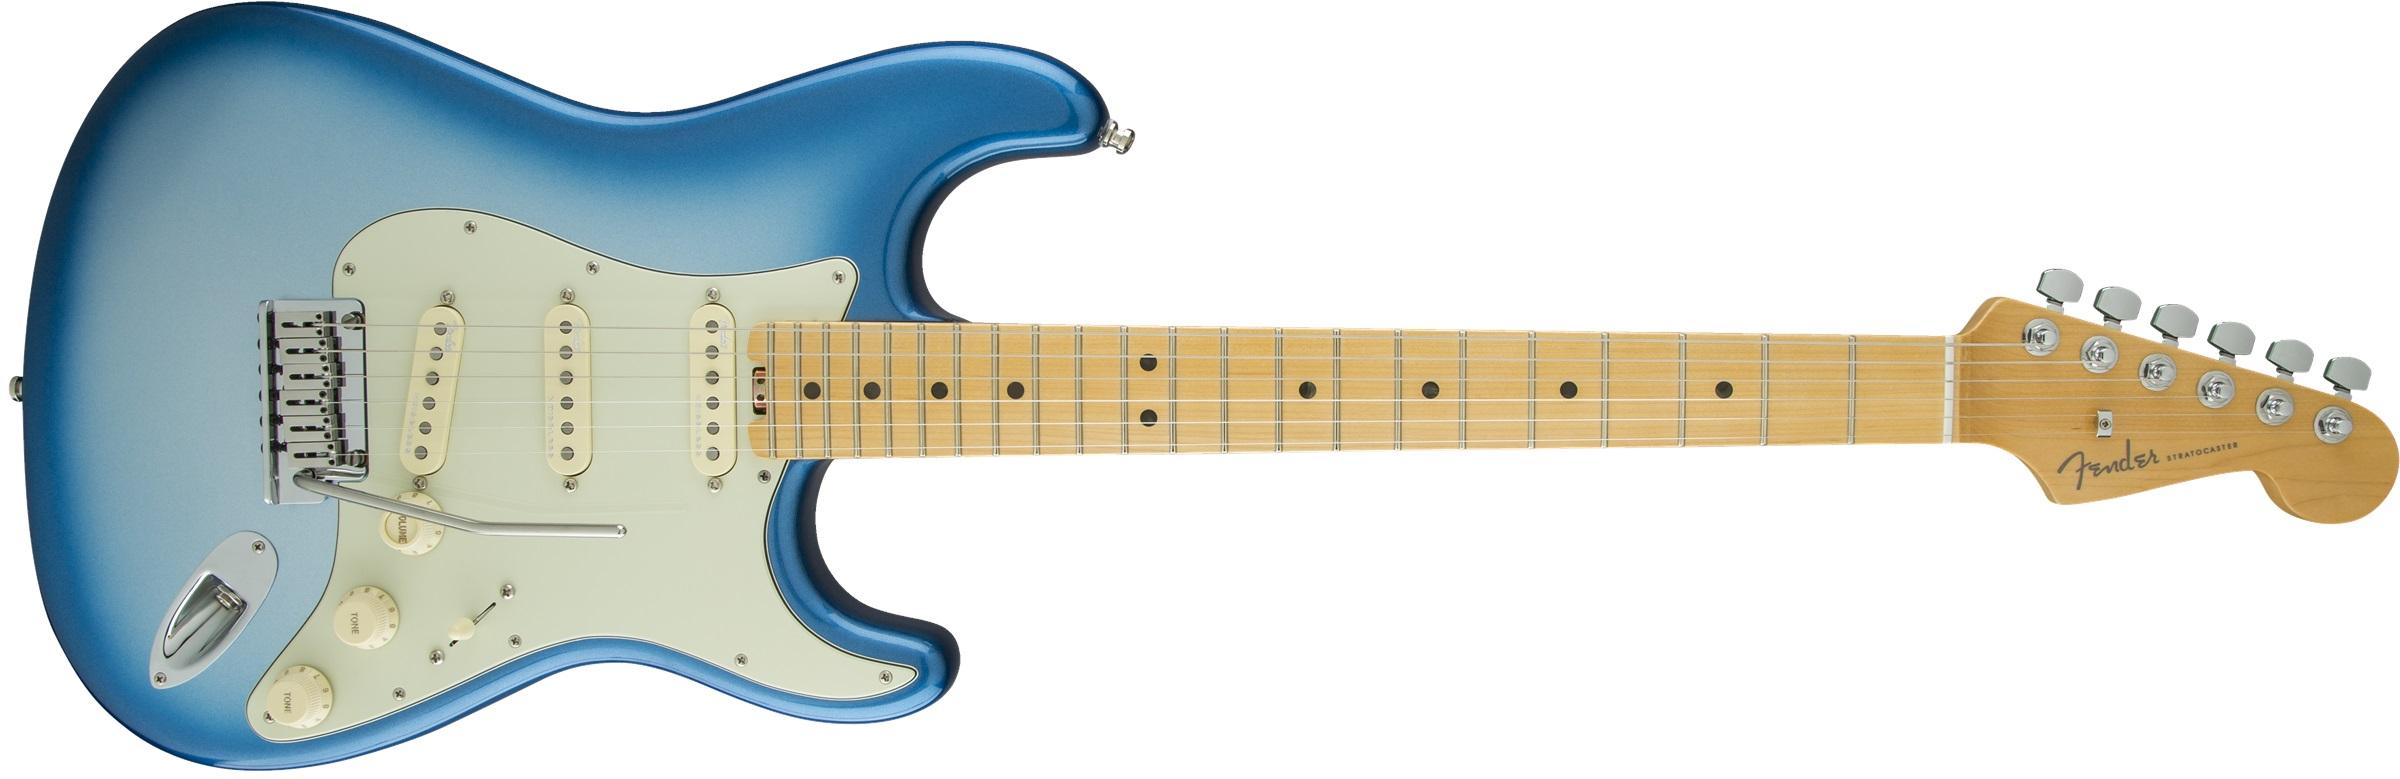 Fender American Elite Stratocaster MN SBM